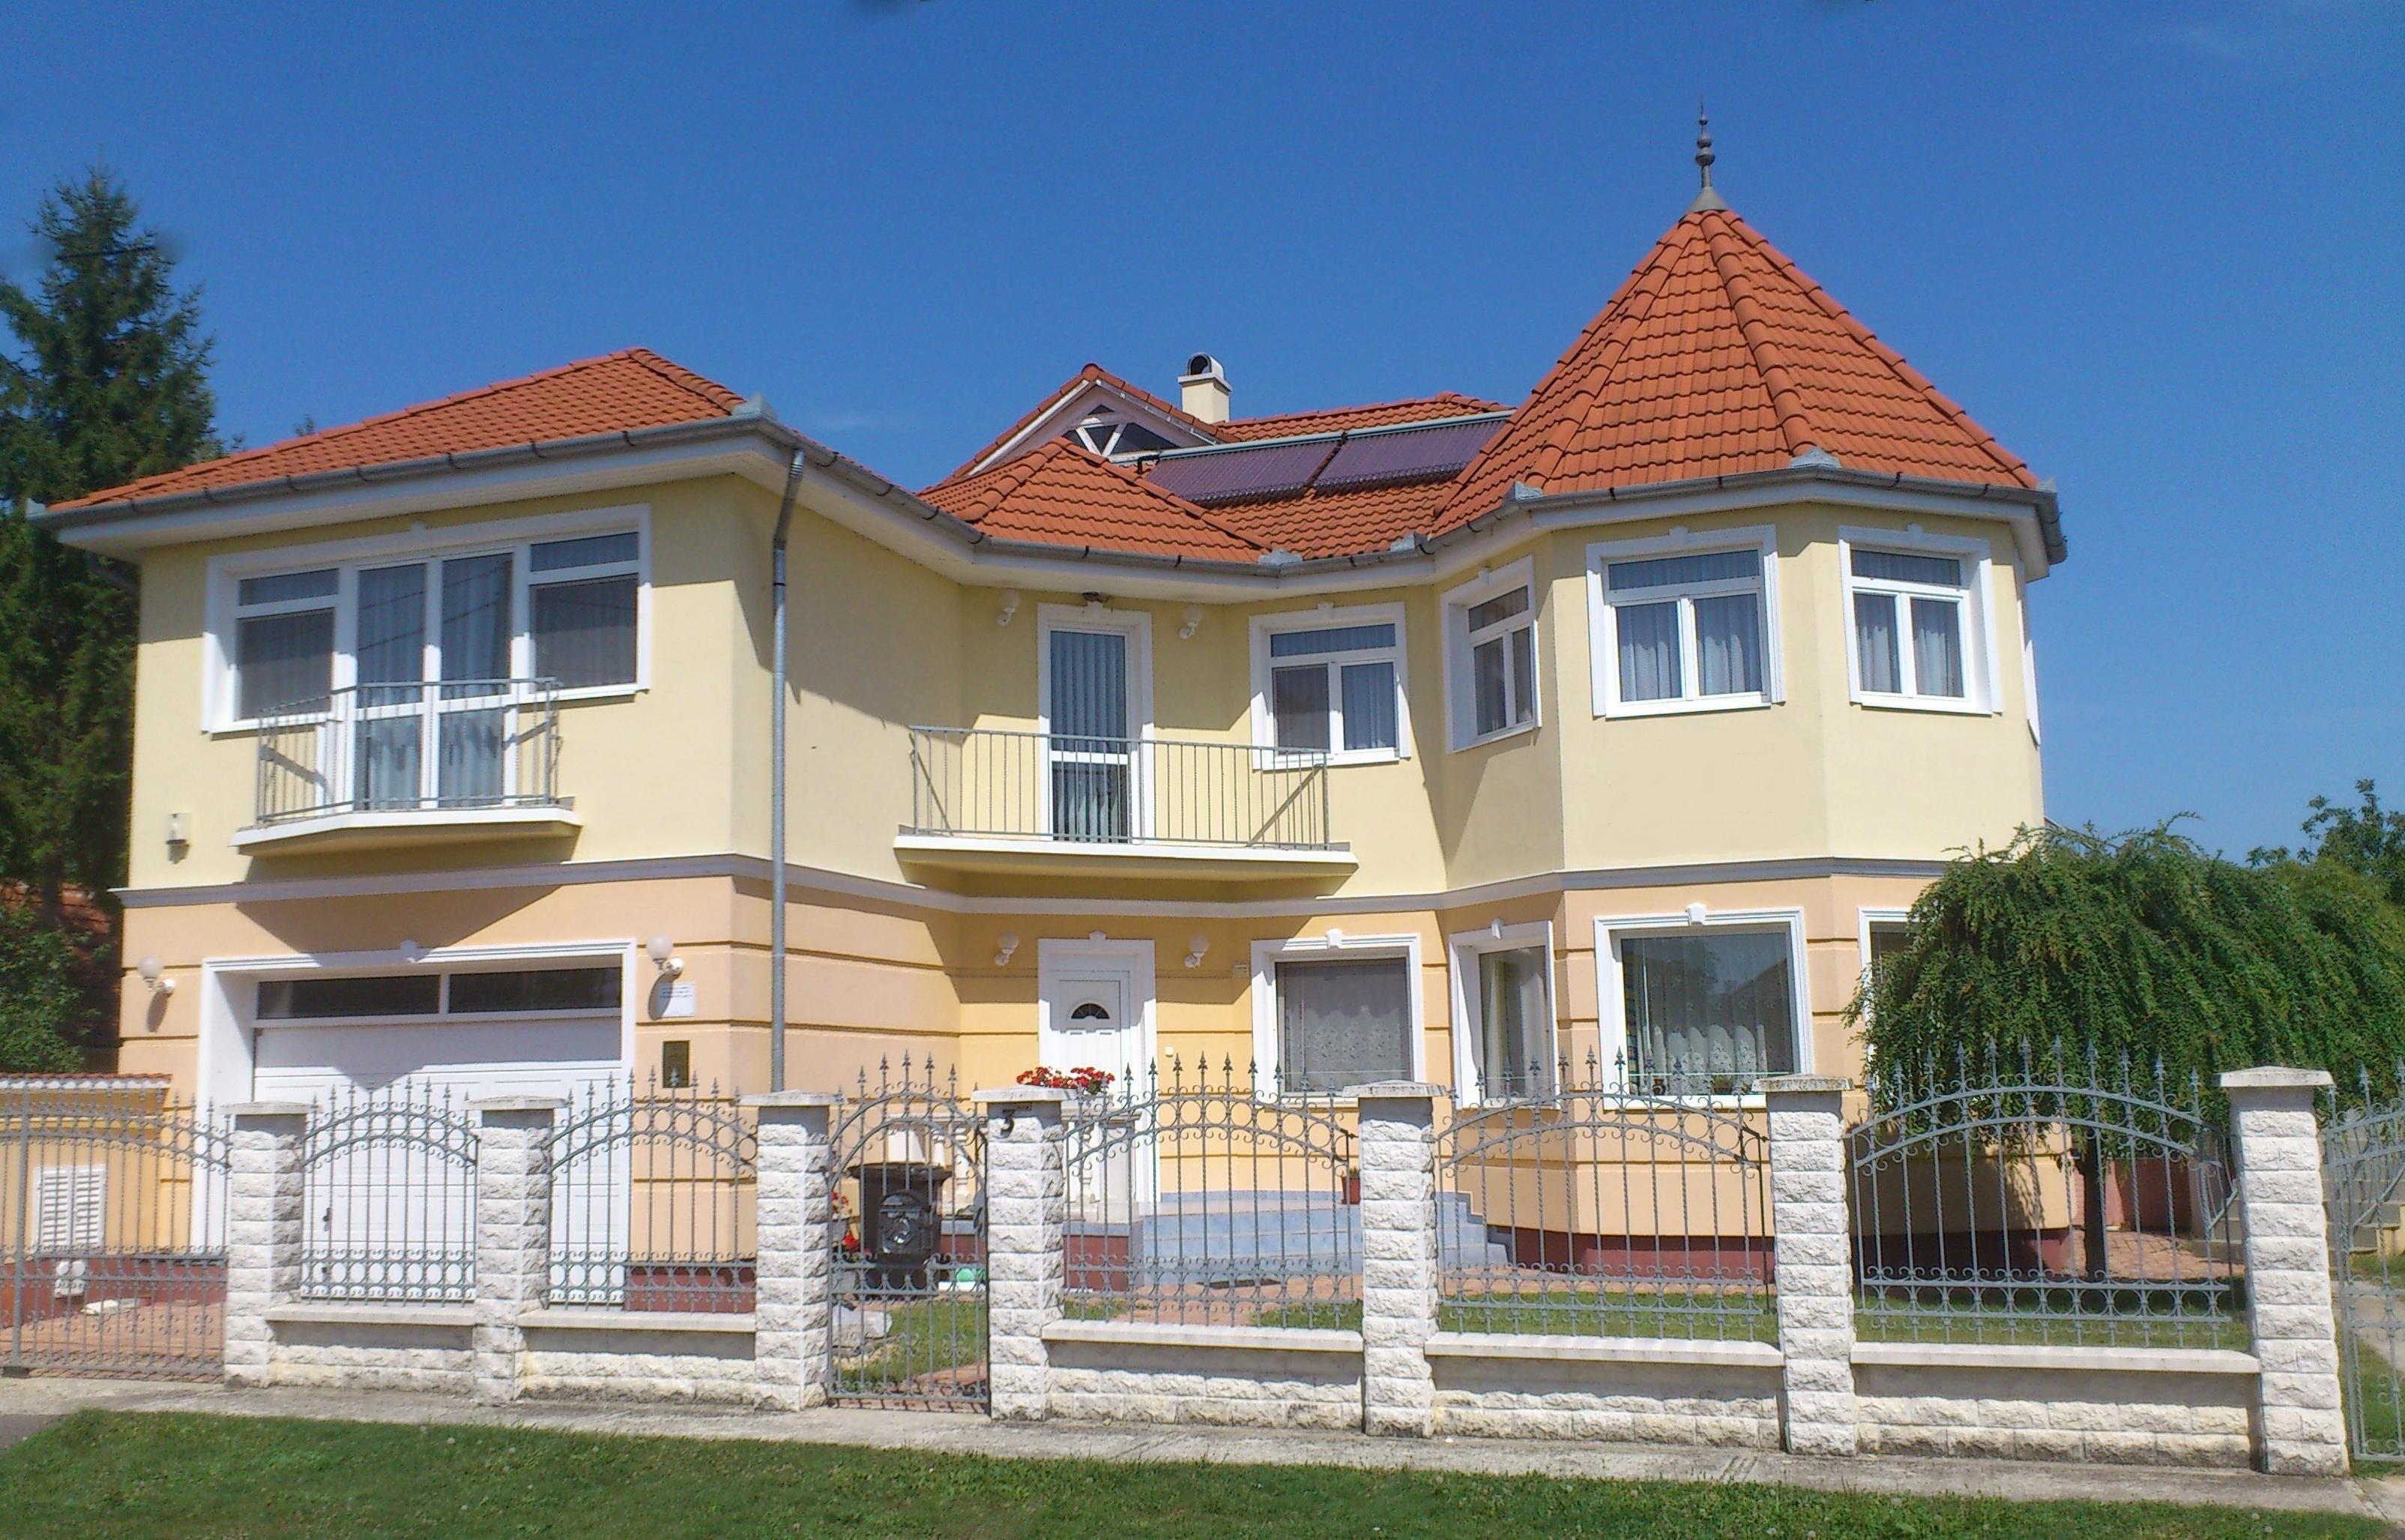 Продаётся гостиница, апартaменты в восточной части Венгрии